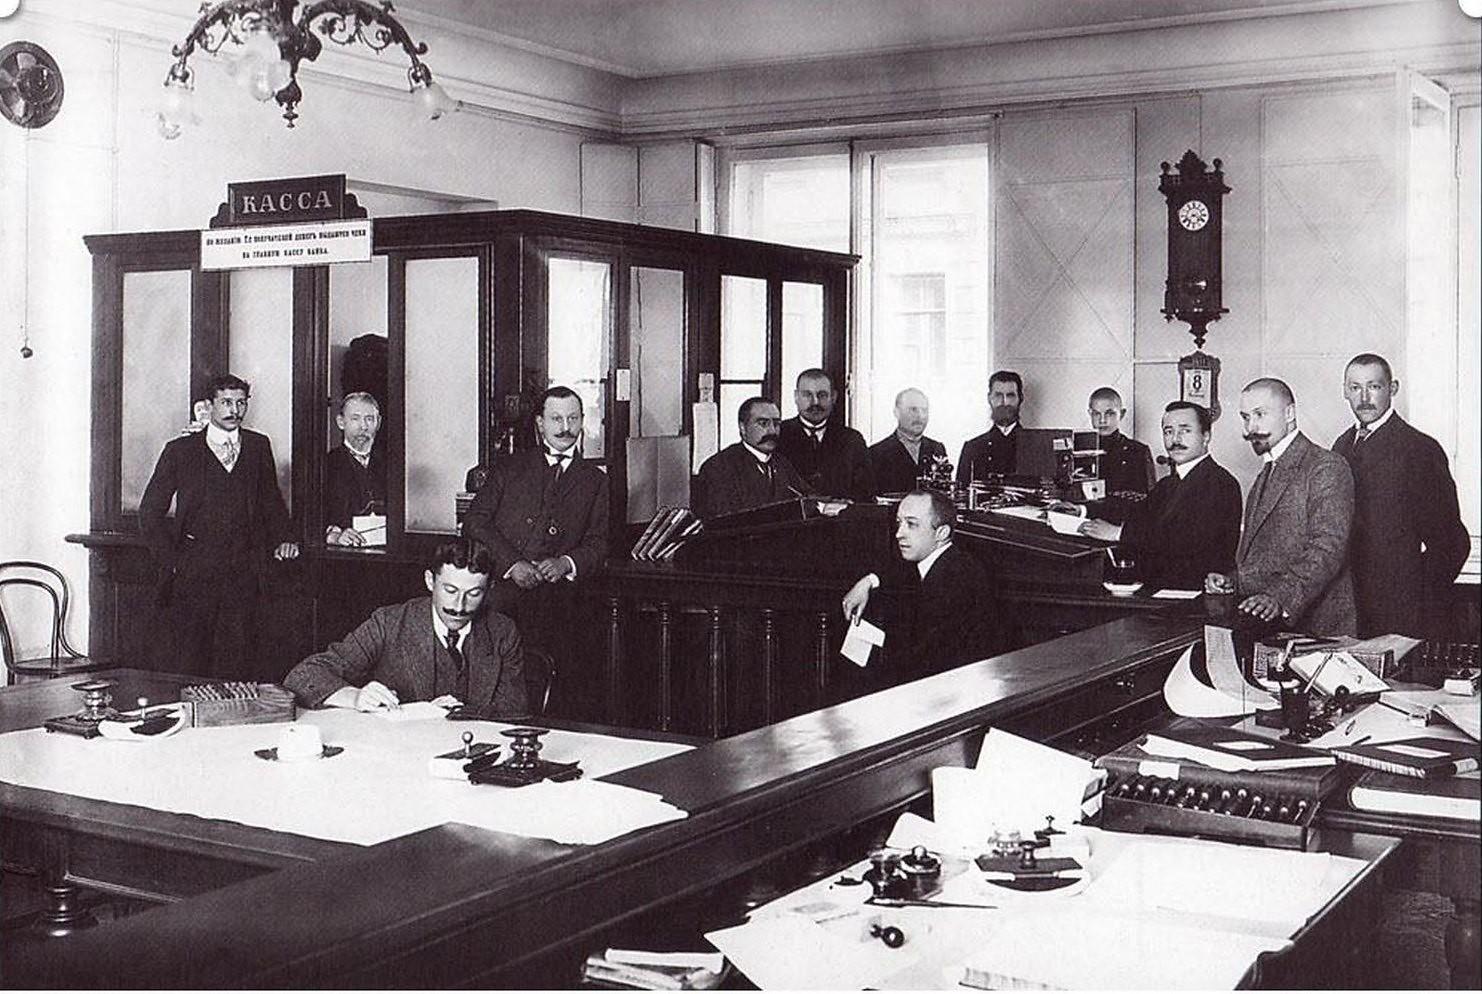 108. 1911. Волжско-Камский коммерческий банк. Операционный зал